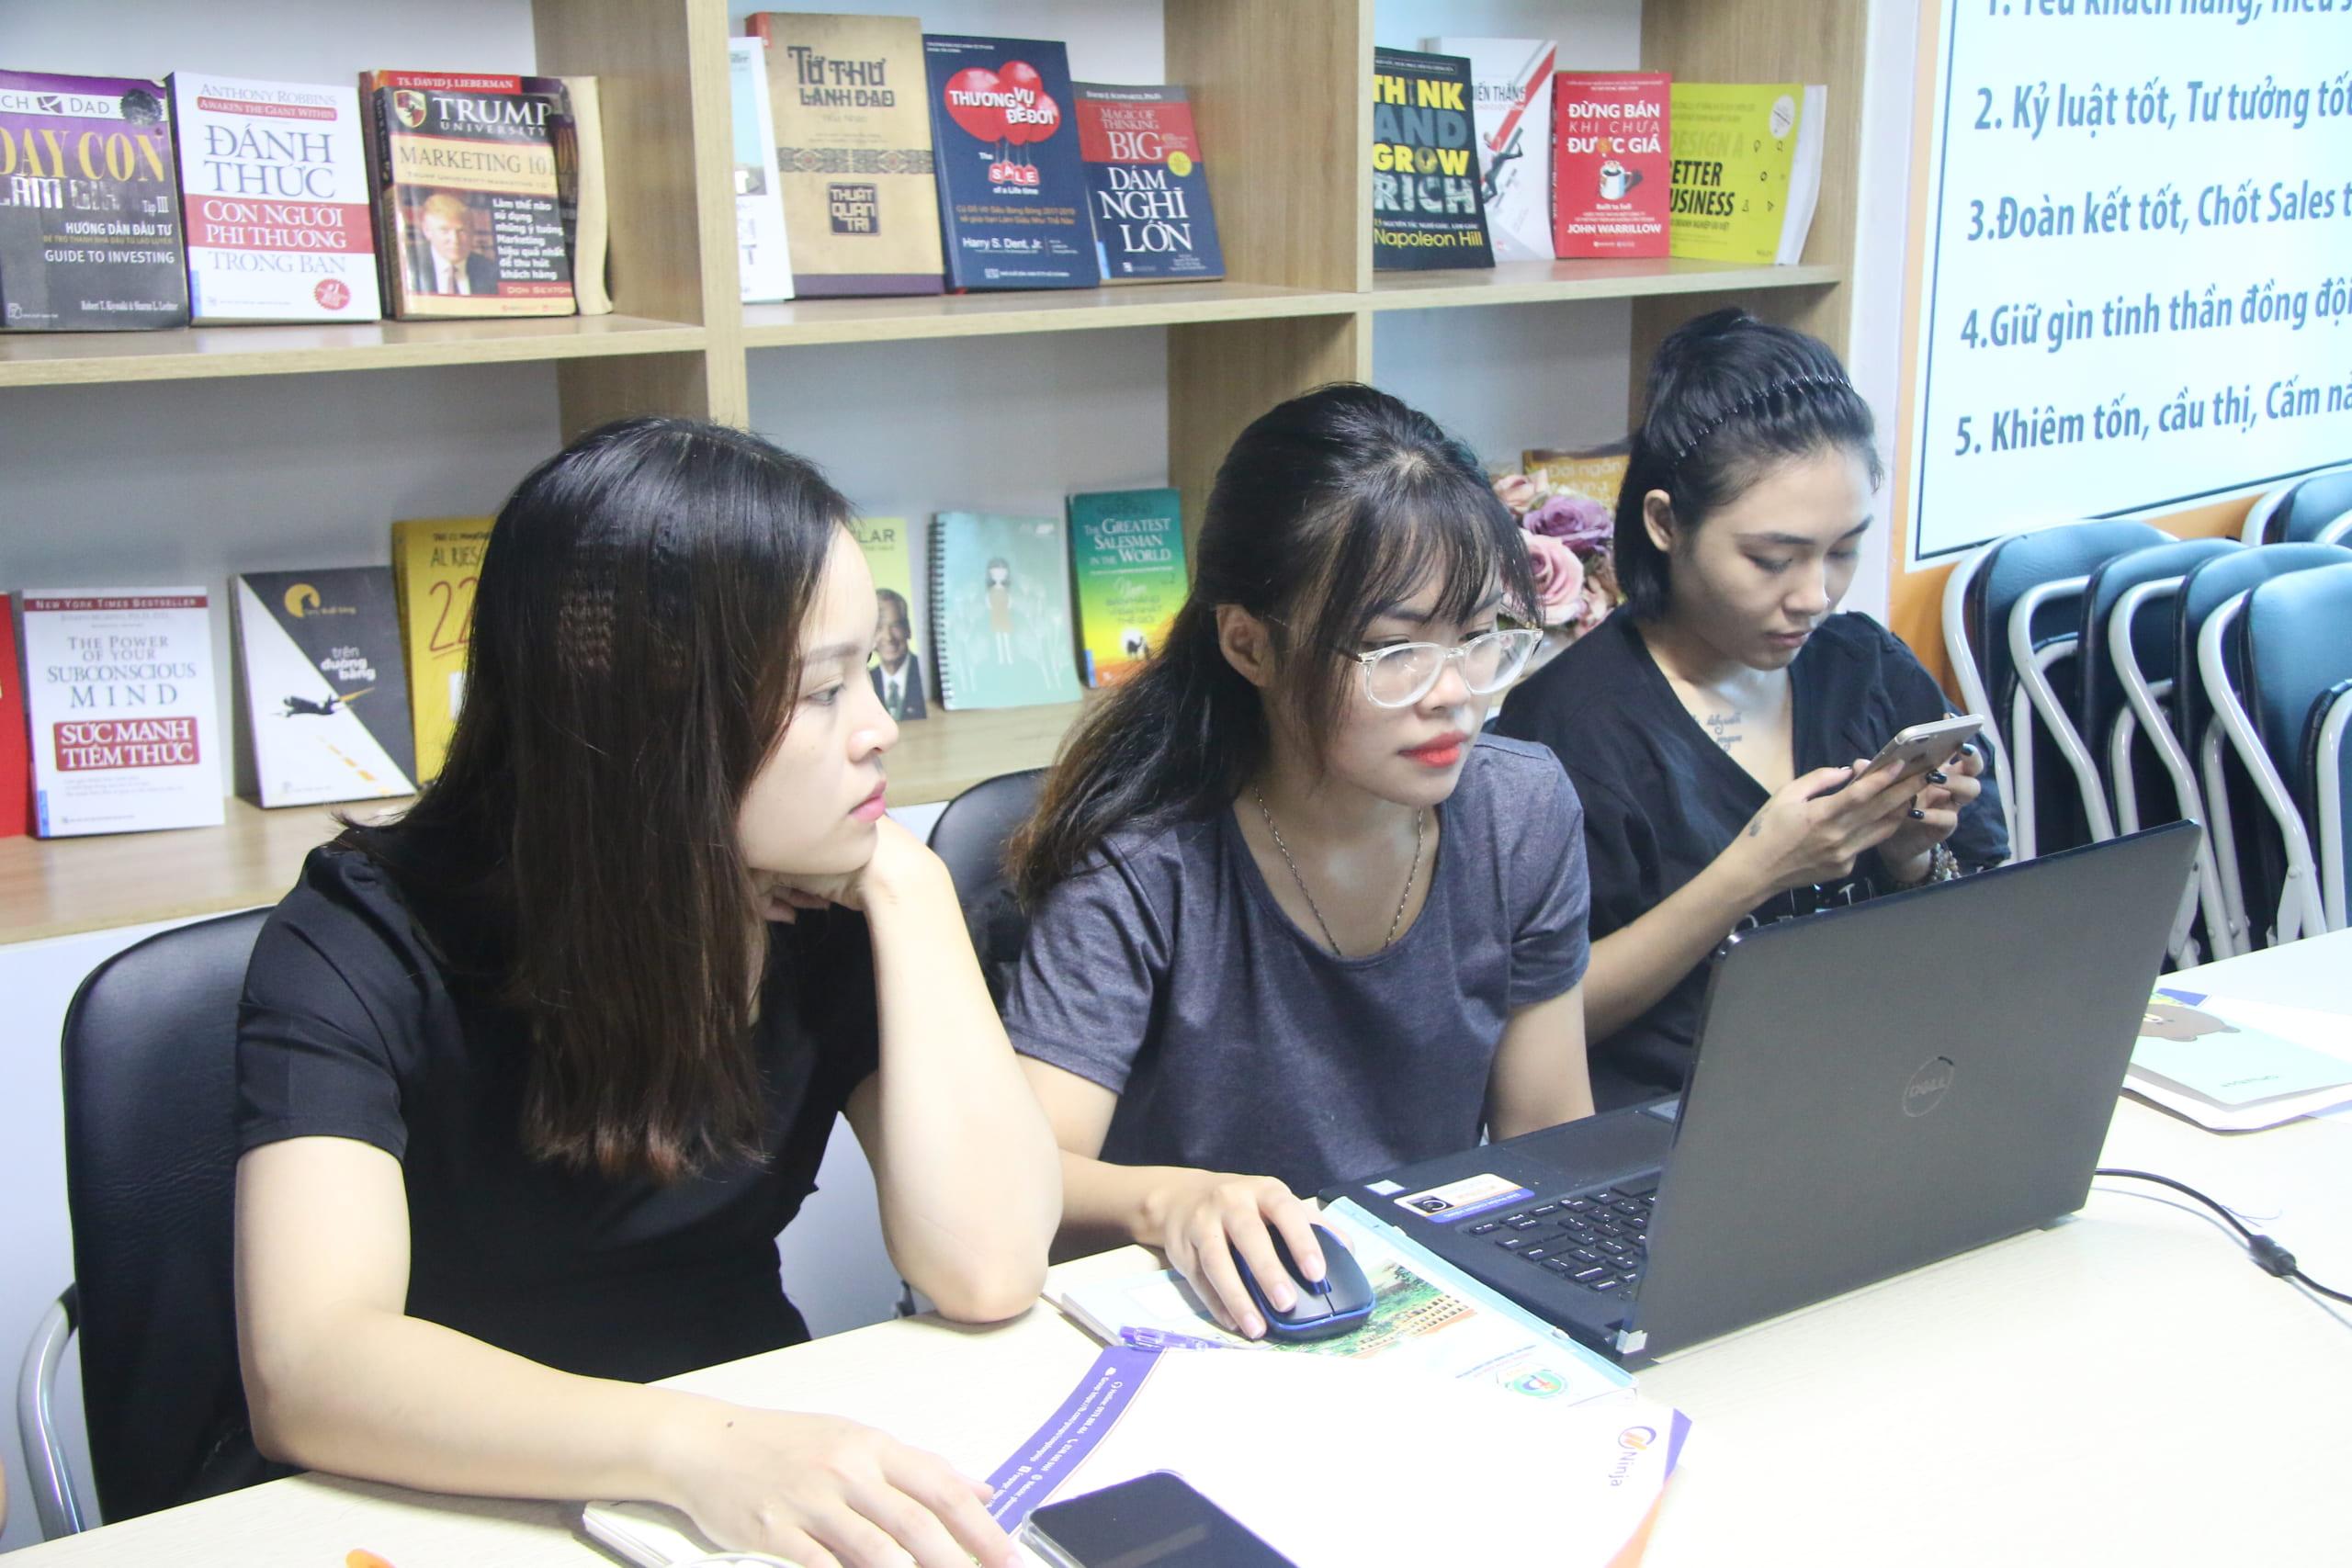 anh 4 scaled Phần mềm Ninja: Đào tạo Tư duy sử dụng phần mềm để bán hàng online hiệu quả